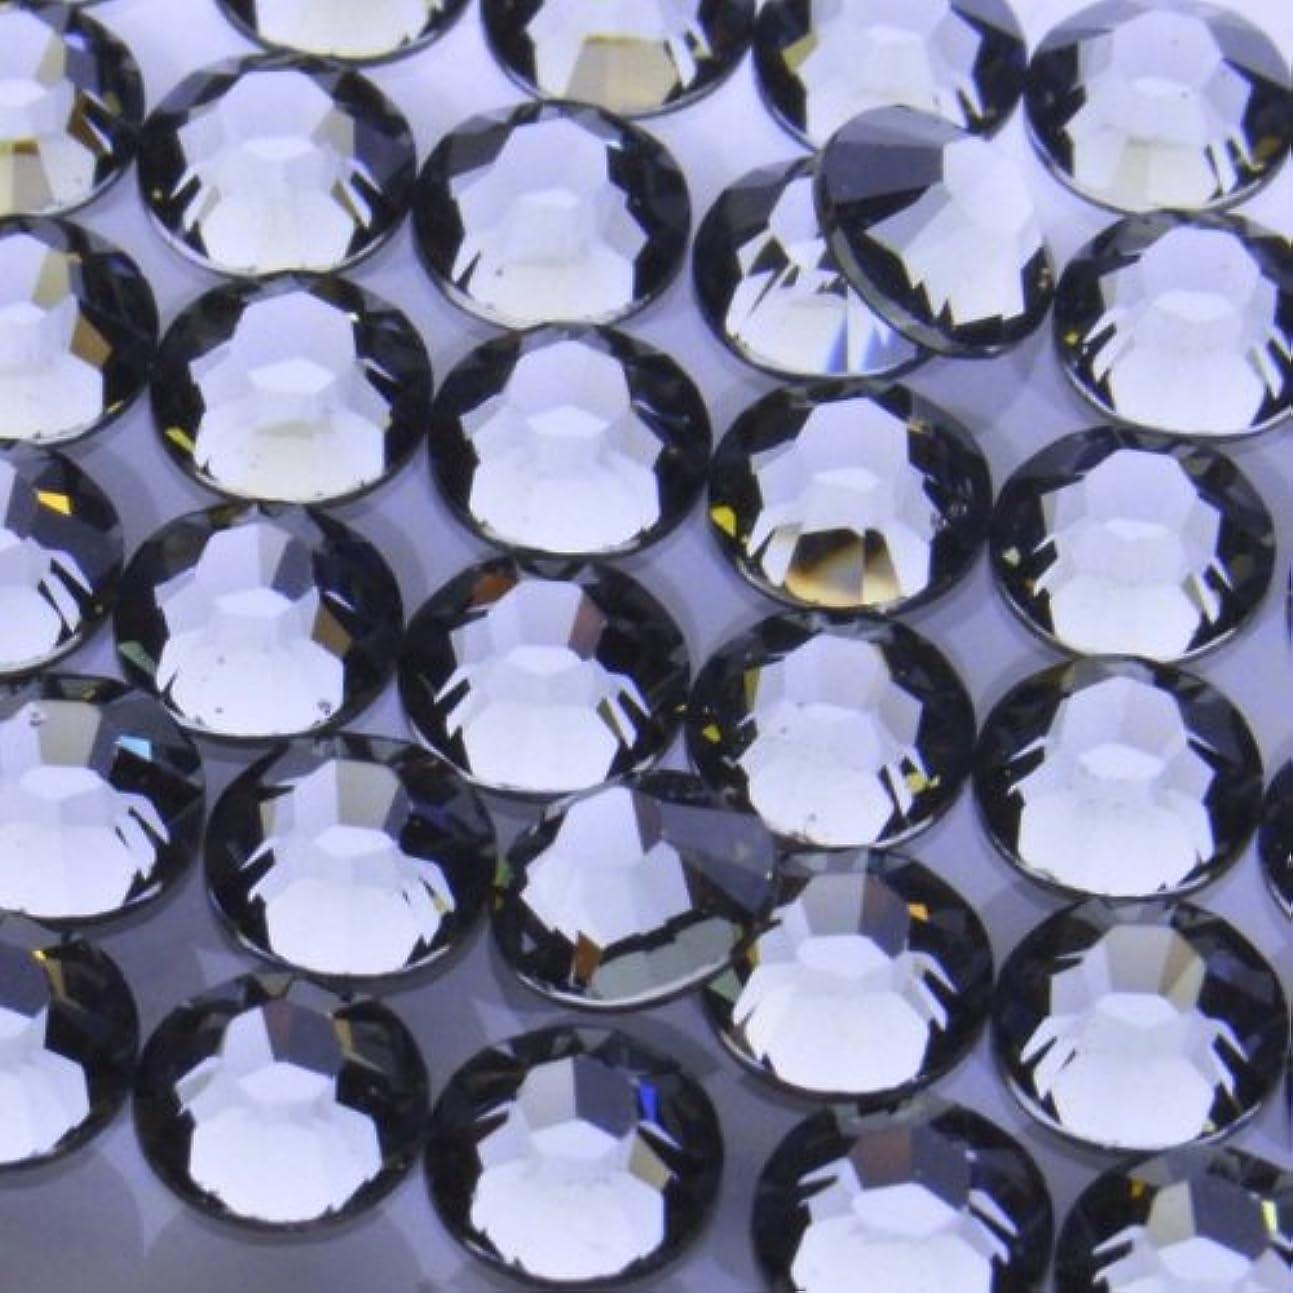 契約するクラブロールHotfixブラックダイヤモンドss8(100粒入り)スワロフスキーラインストーンホットフィックス